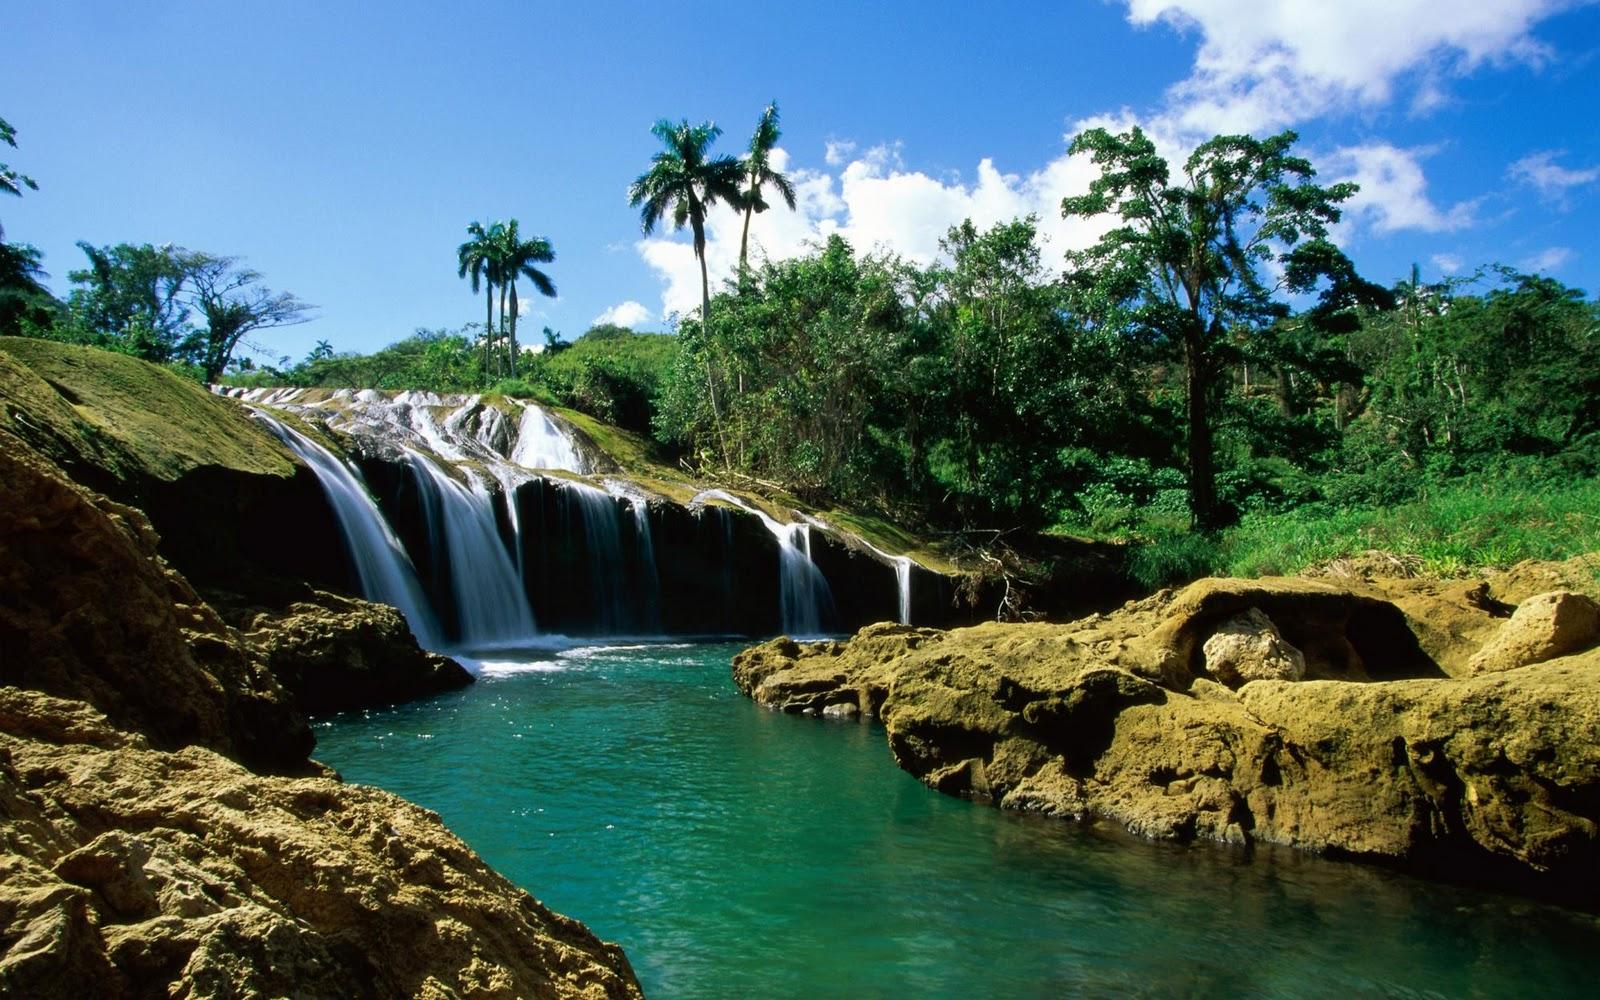 http://4.bp.blogspot.com/-MK75NNsK3S8/Tpavw4cUsYI/AAAAAAAAANk/sMK1KSScfWs/s1600/Waterfall+wallpaper+%25288%2529.jpg